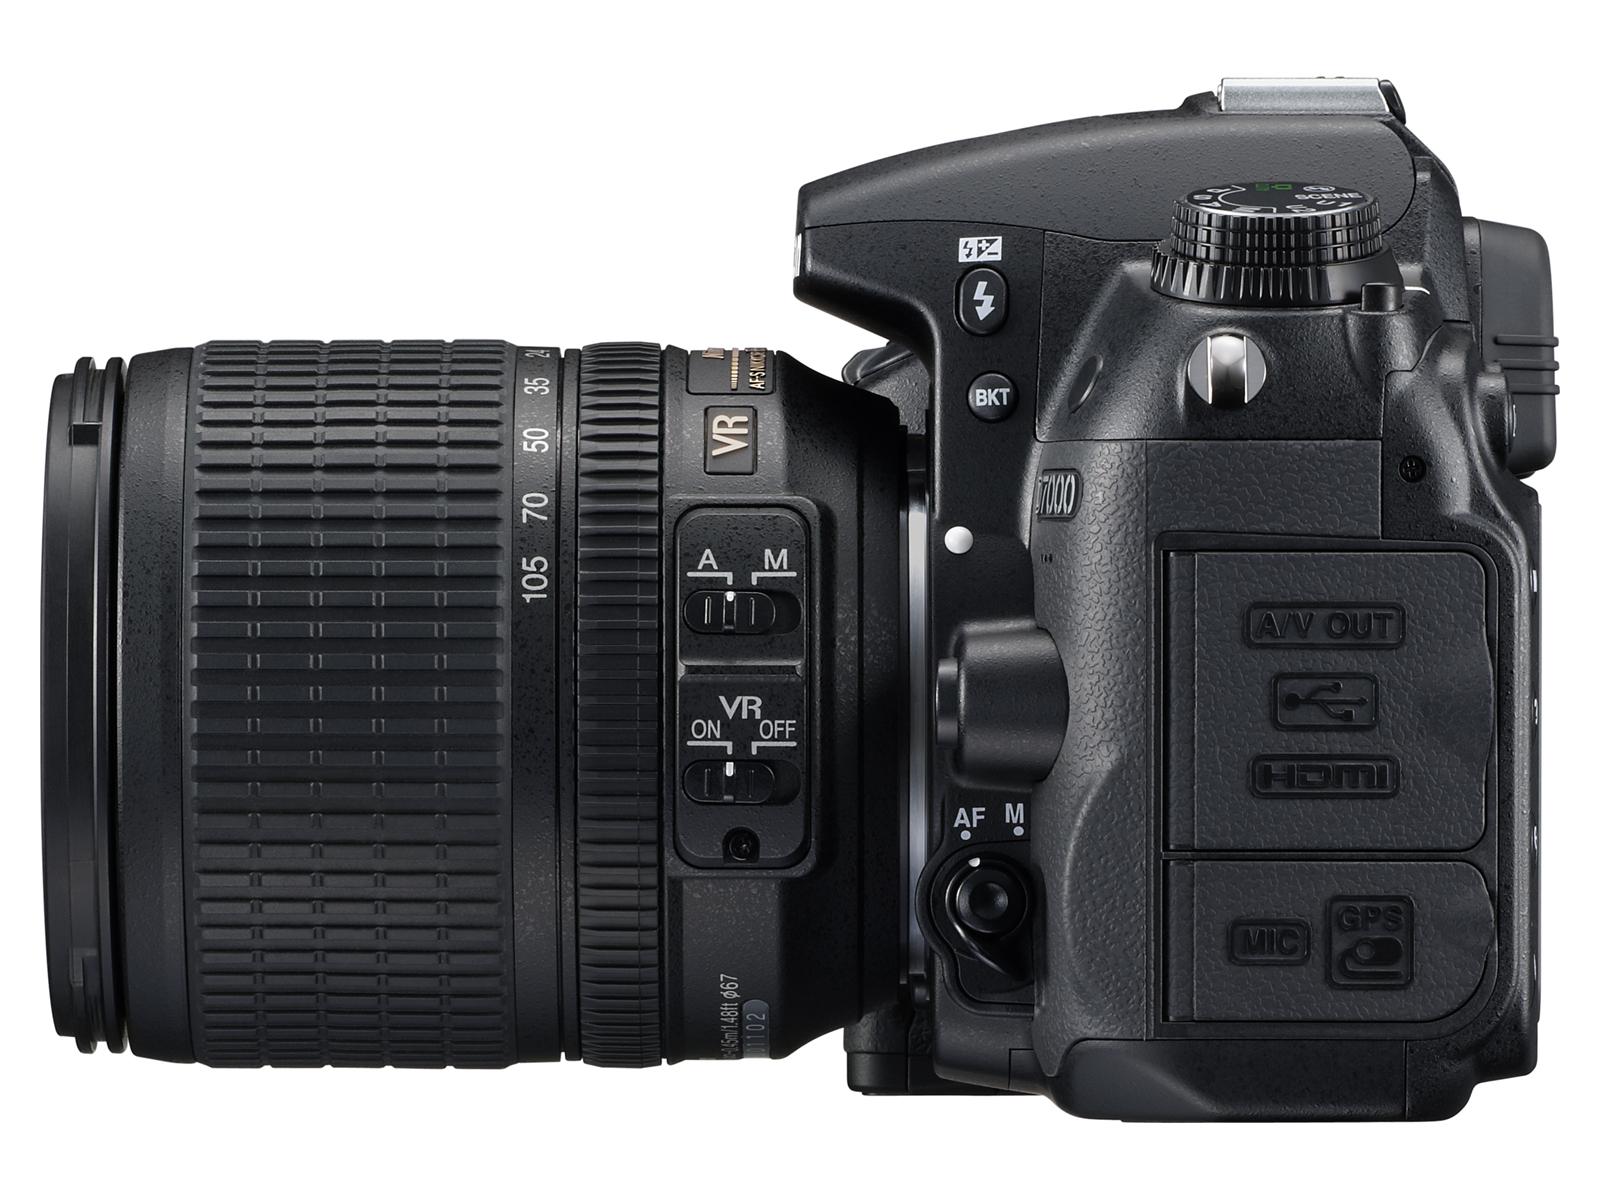 Nikon D7000 - 5